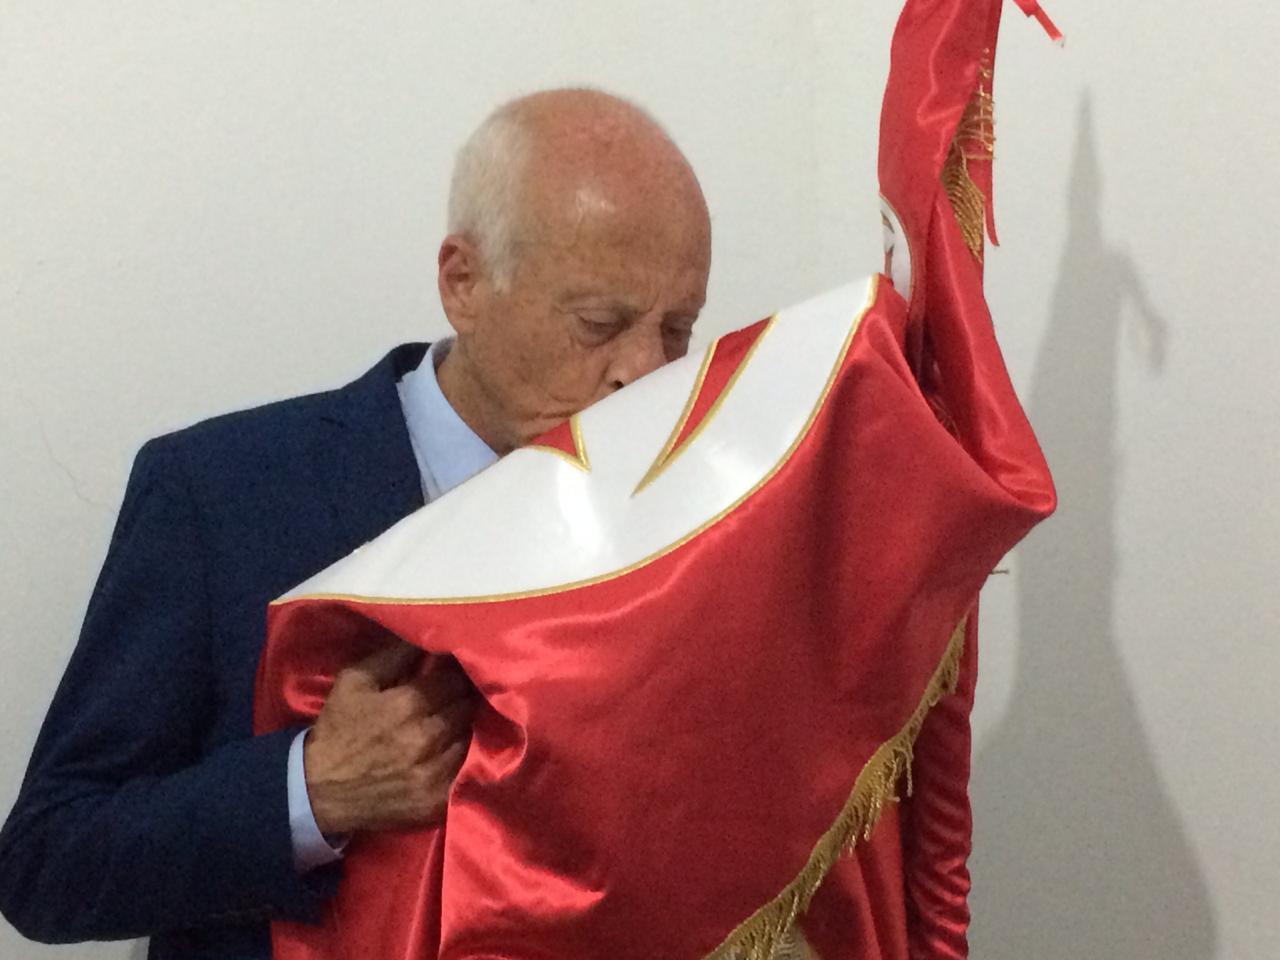 Le candidat indépendant Kaïs Saïed embrassant le drapeau tunisien à son QG de campagne, dimanche 15 septembre 2019 à Tunis.